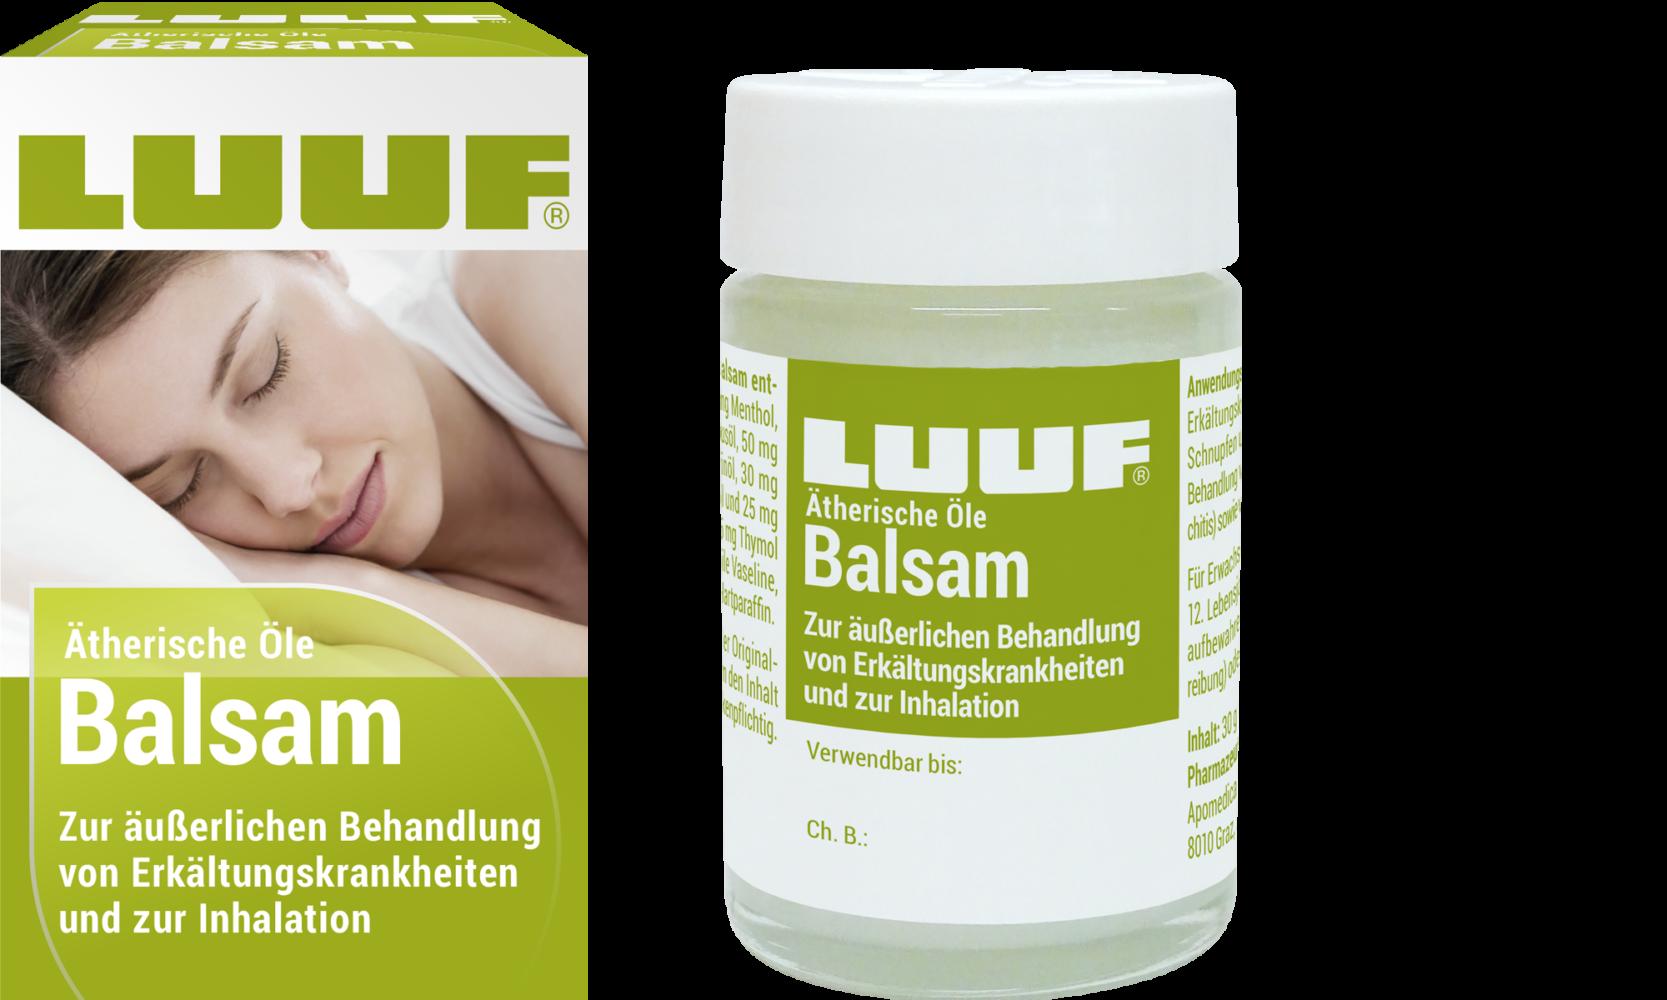 Abbildung LUUF® ätherische Öle Balsam zur äußerlichen Behandlung von Erkältungskrankheiten und zur Inhalation; Arzneimittel